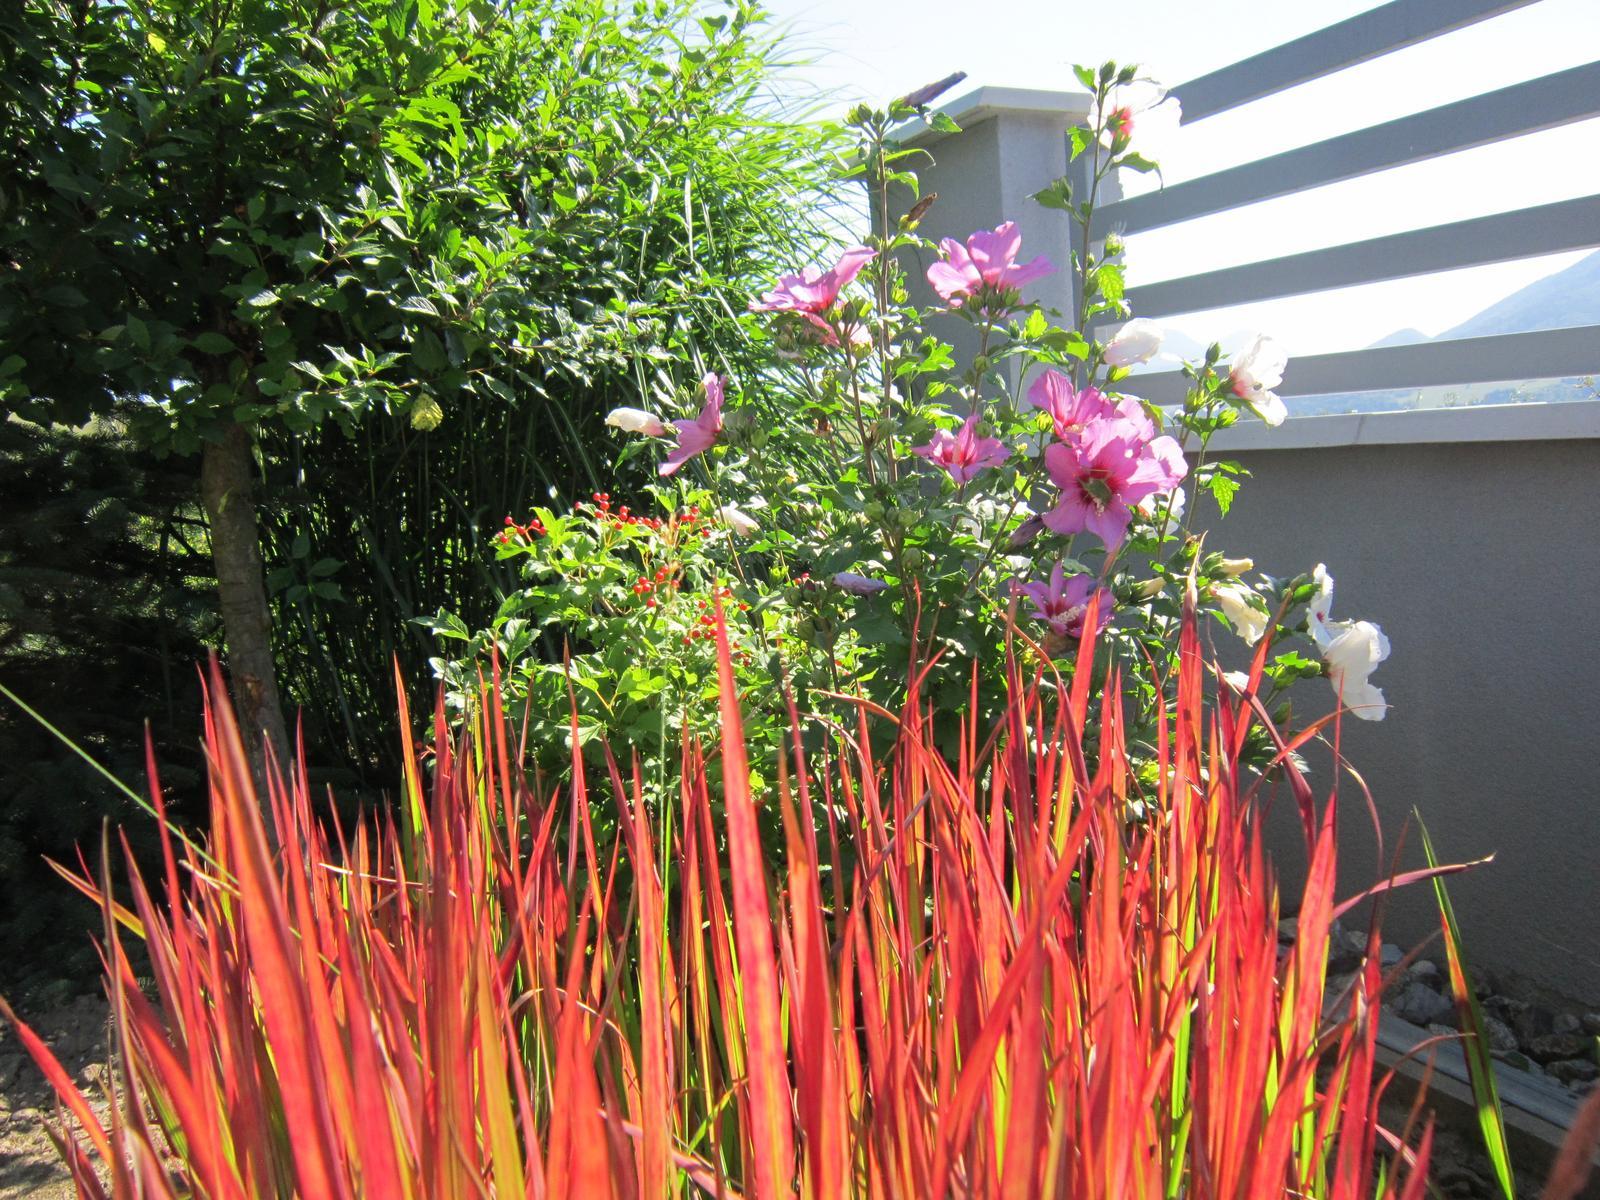 """Moja záhrada...ako šiel čas - Tráva """"red baron"""" žiari ako plamene..."""